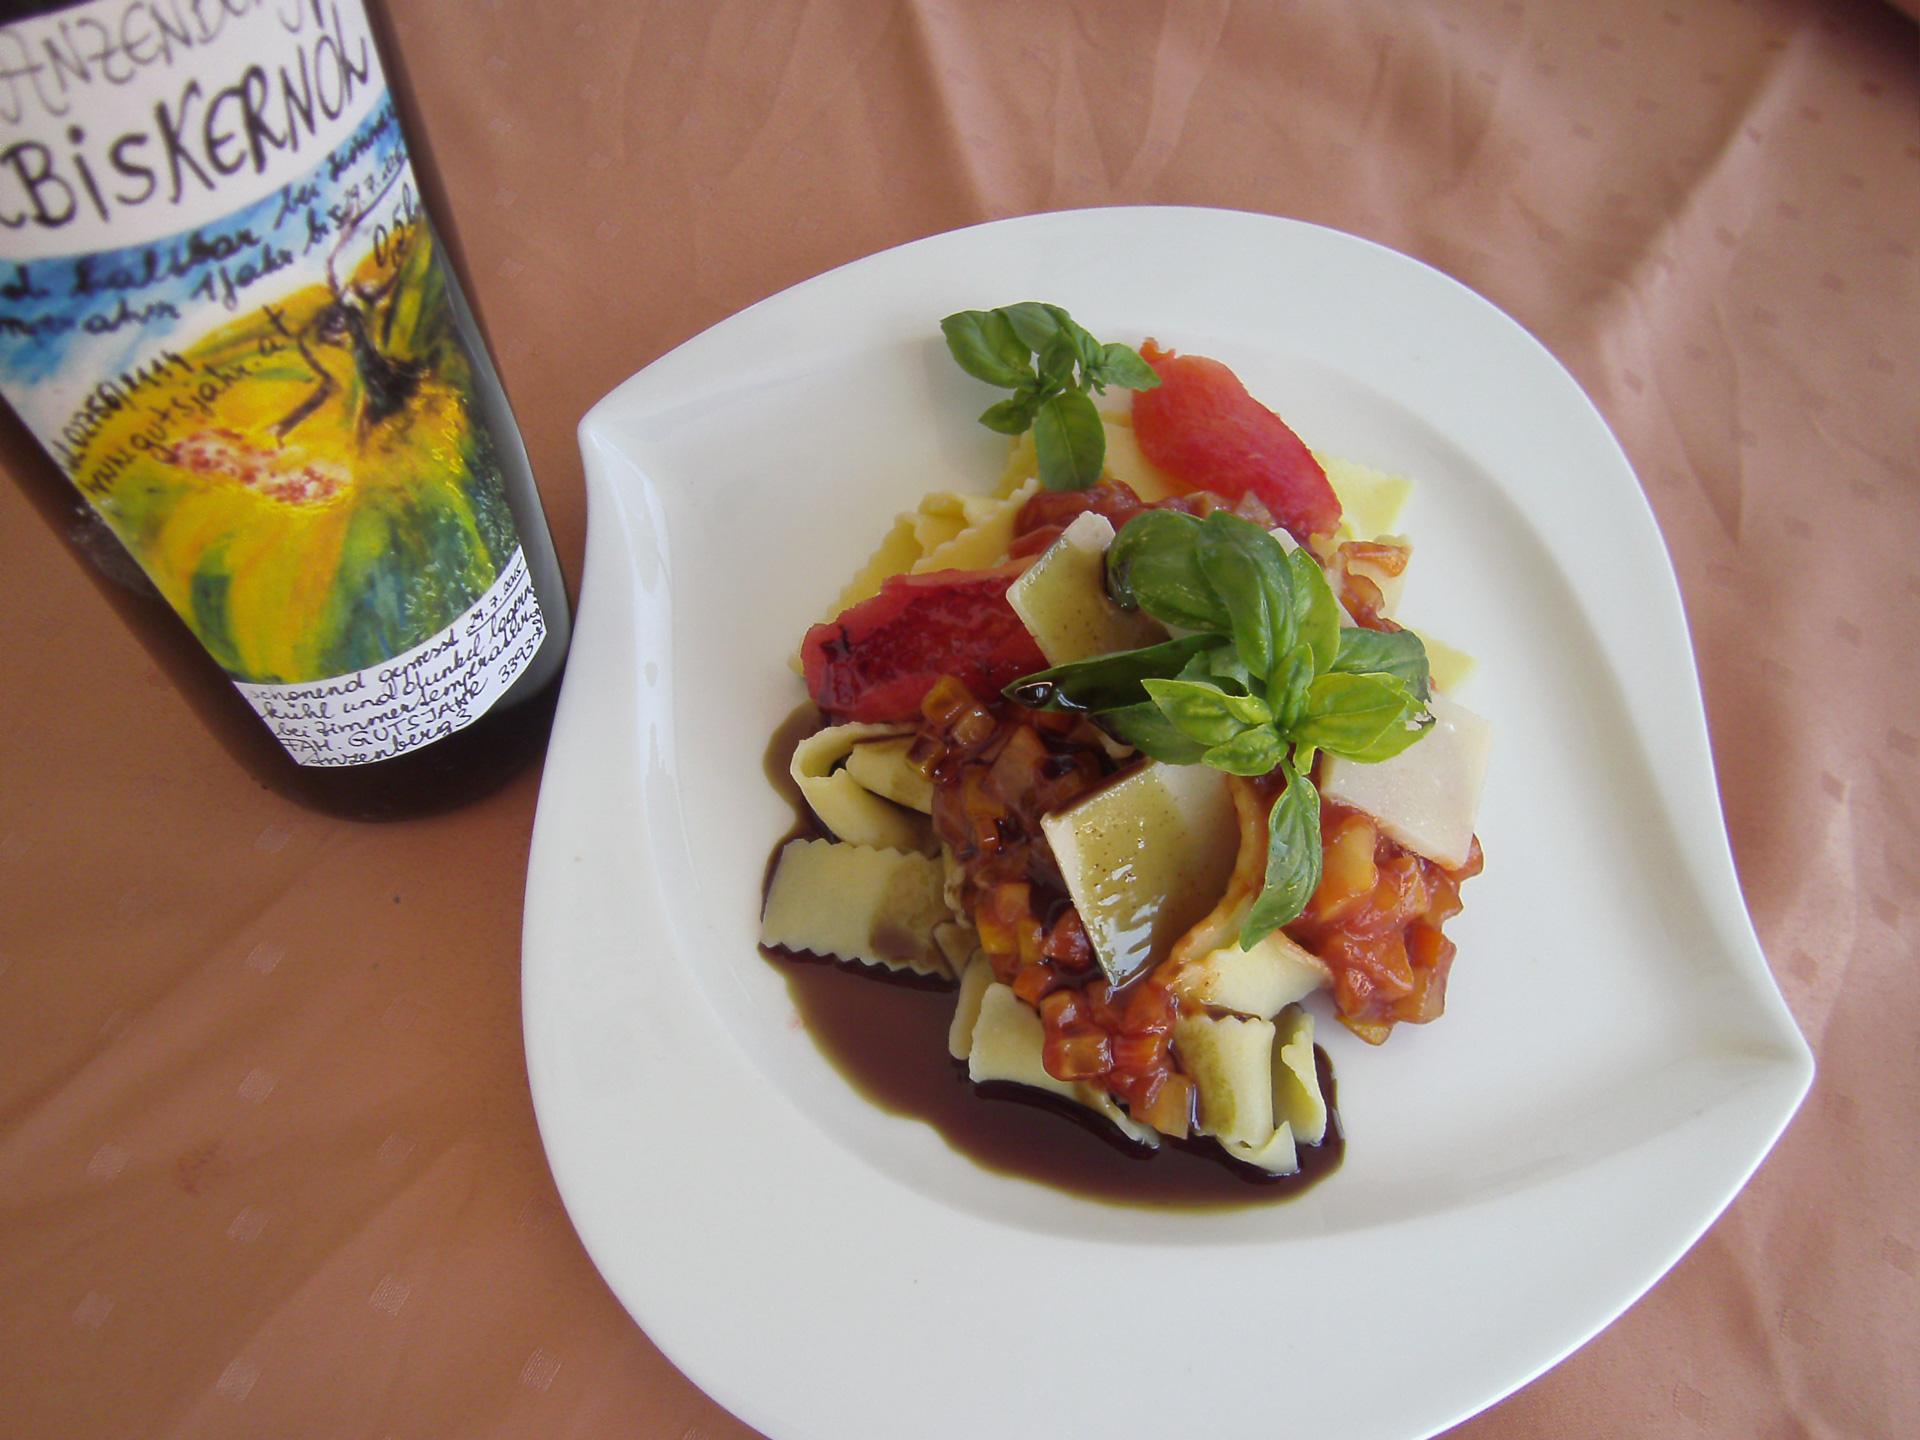 Nudeln mit Tomaten/Paprikasouce und Gemüsejulienne